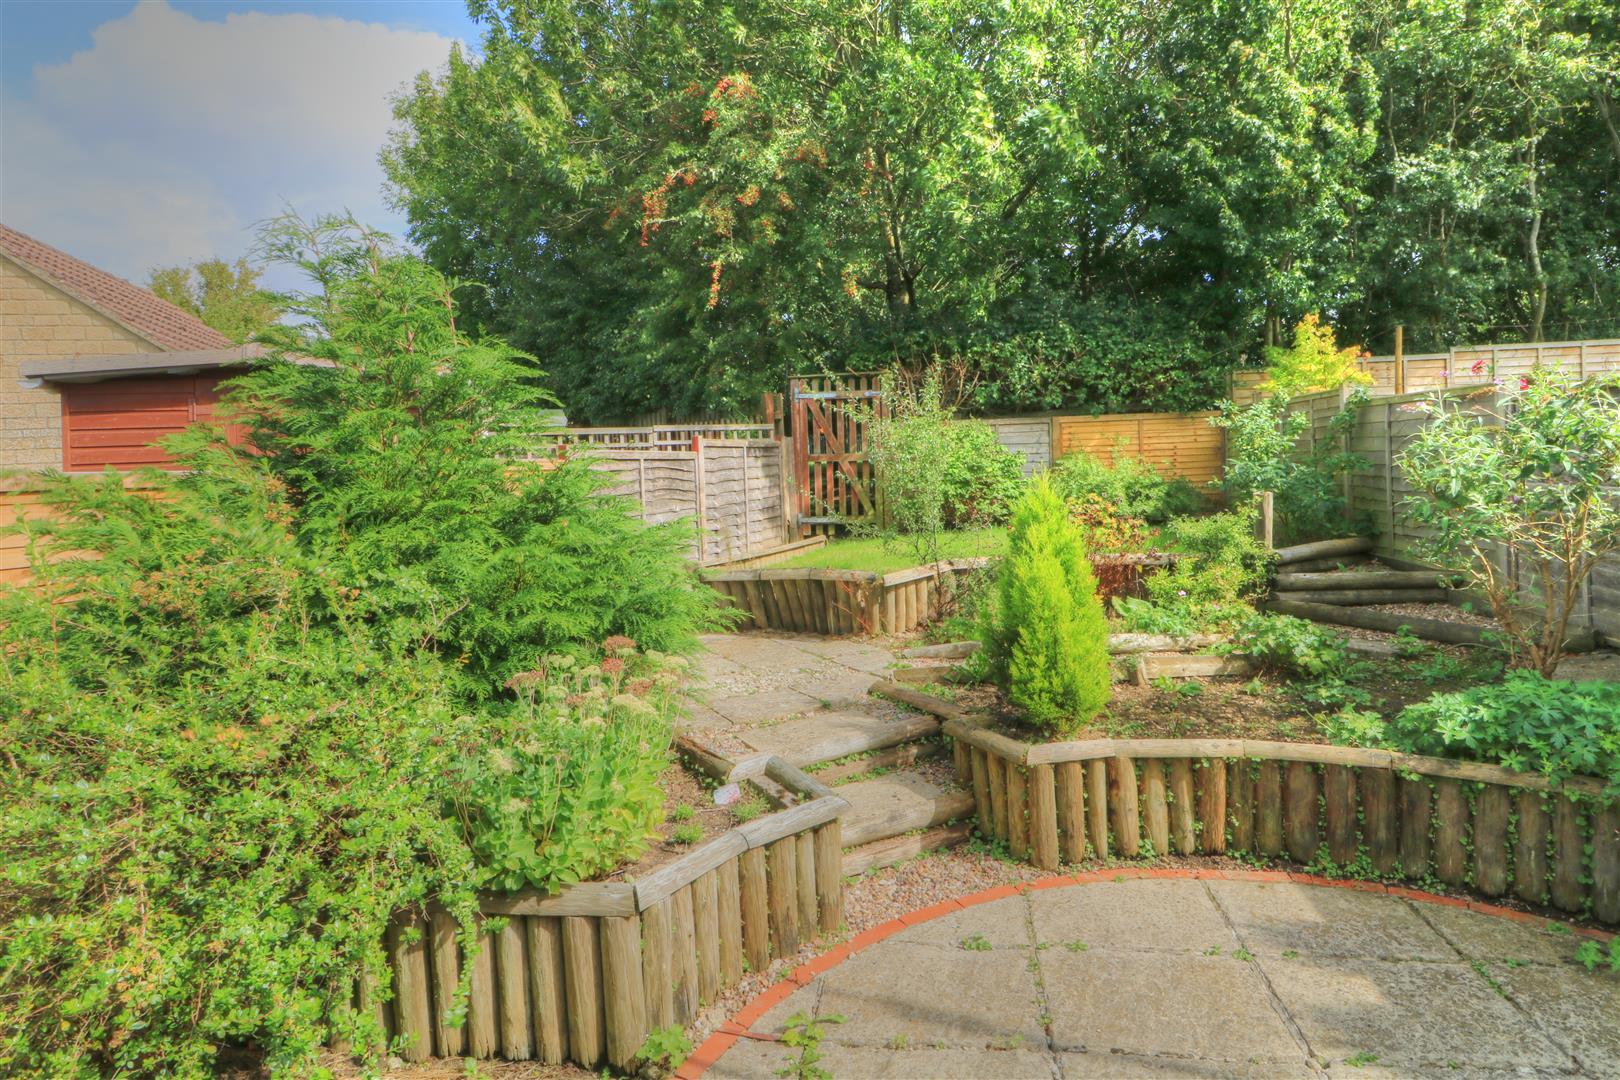 Rer garden.jpg